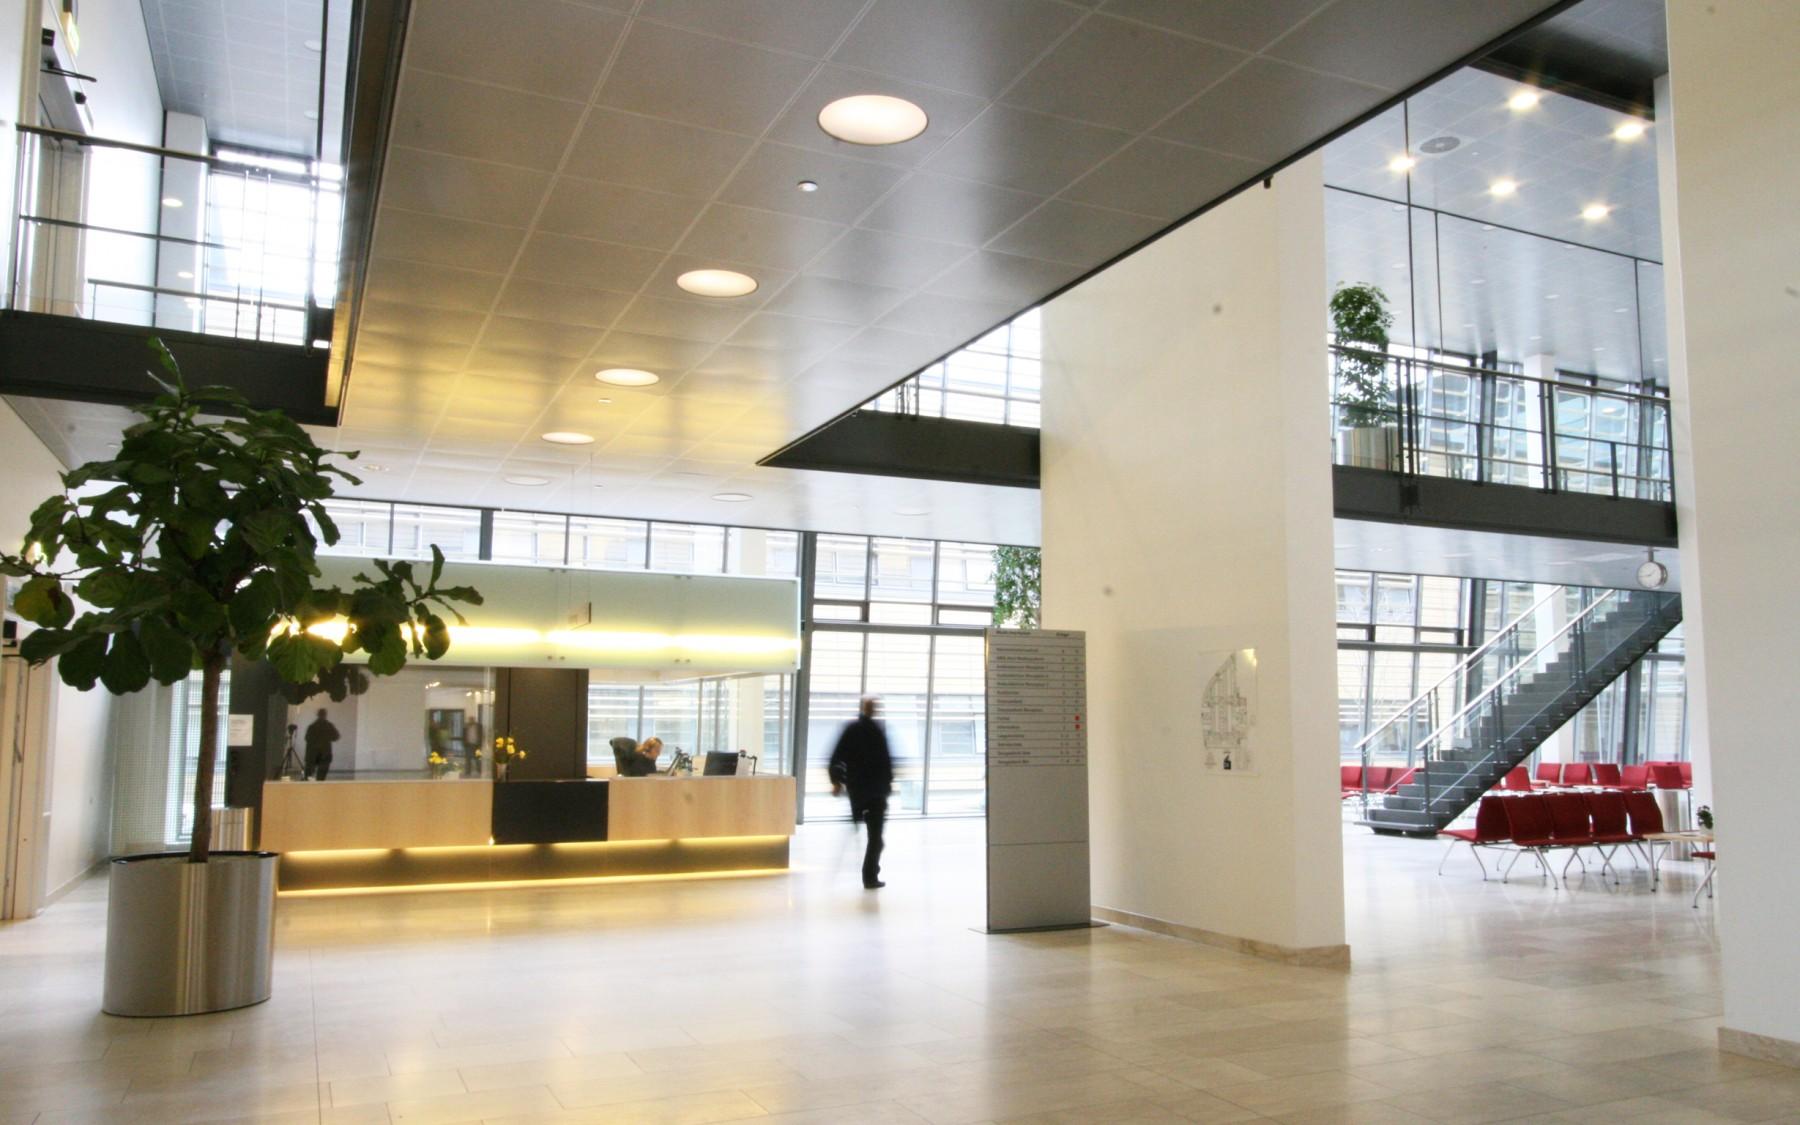 Medicinerhuset, Architects Friis & Moltke - Tile